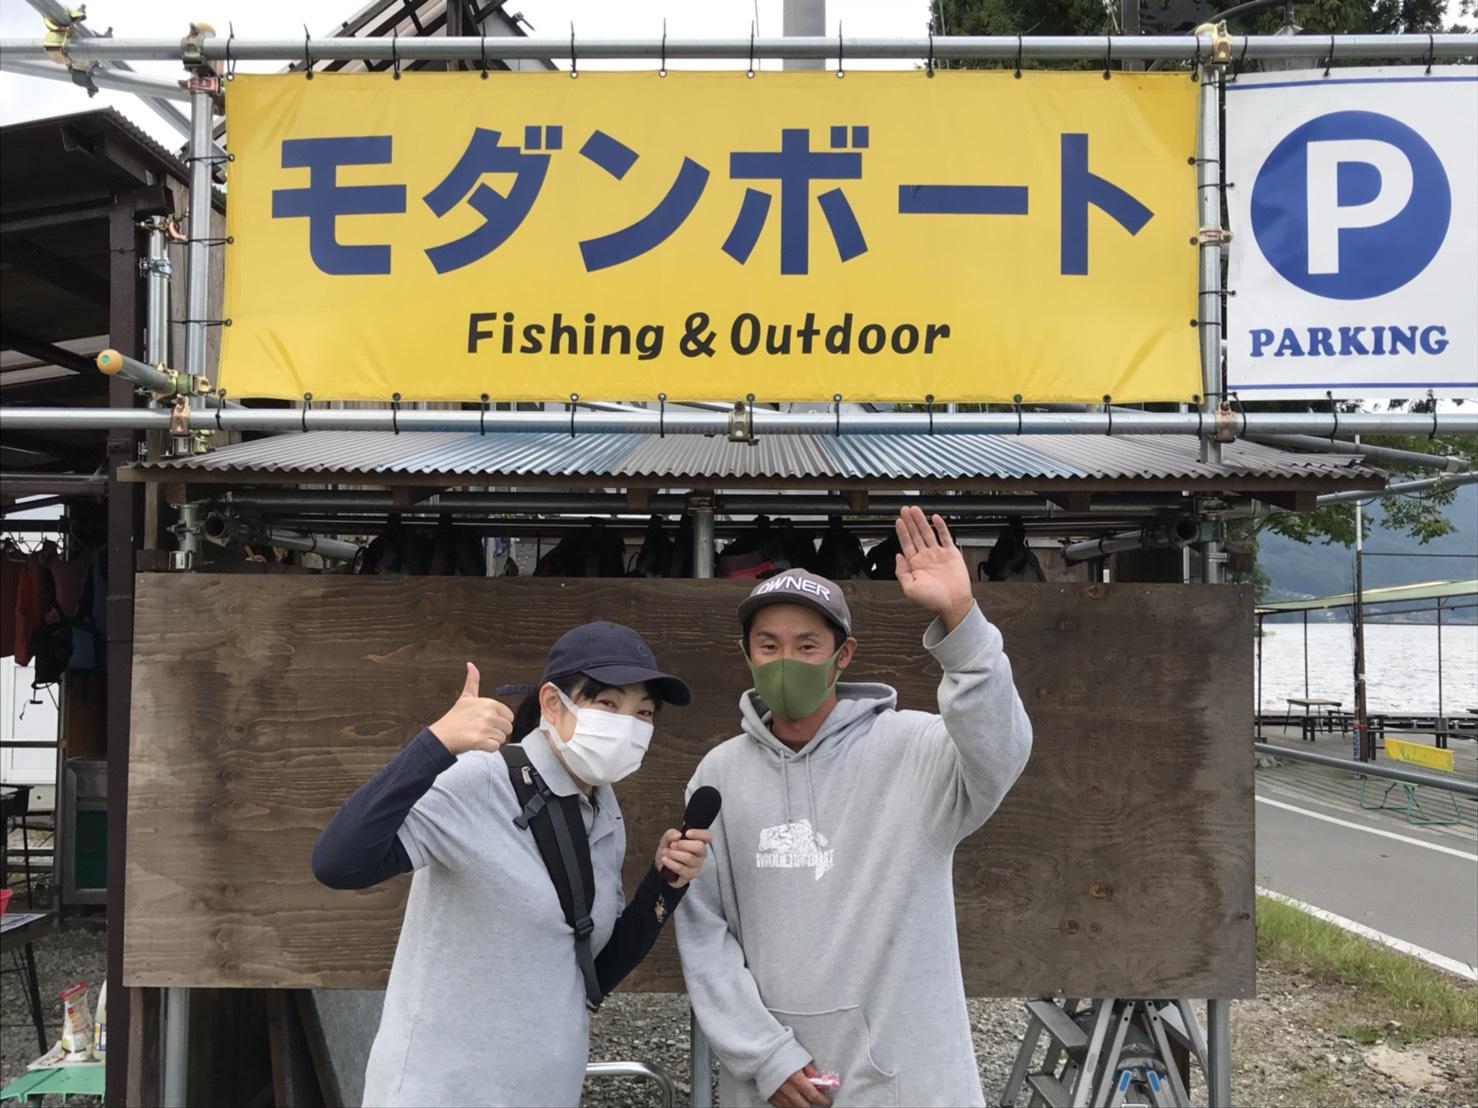 木崎湖モダンボートメディア取材・撮影